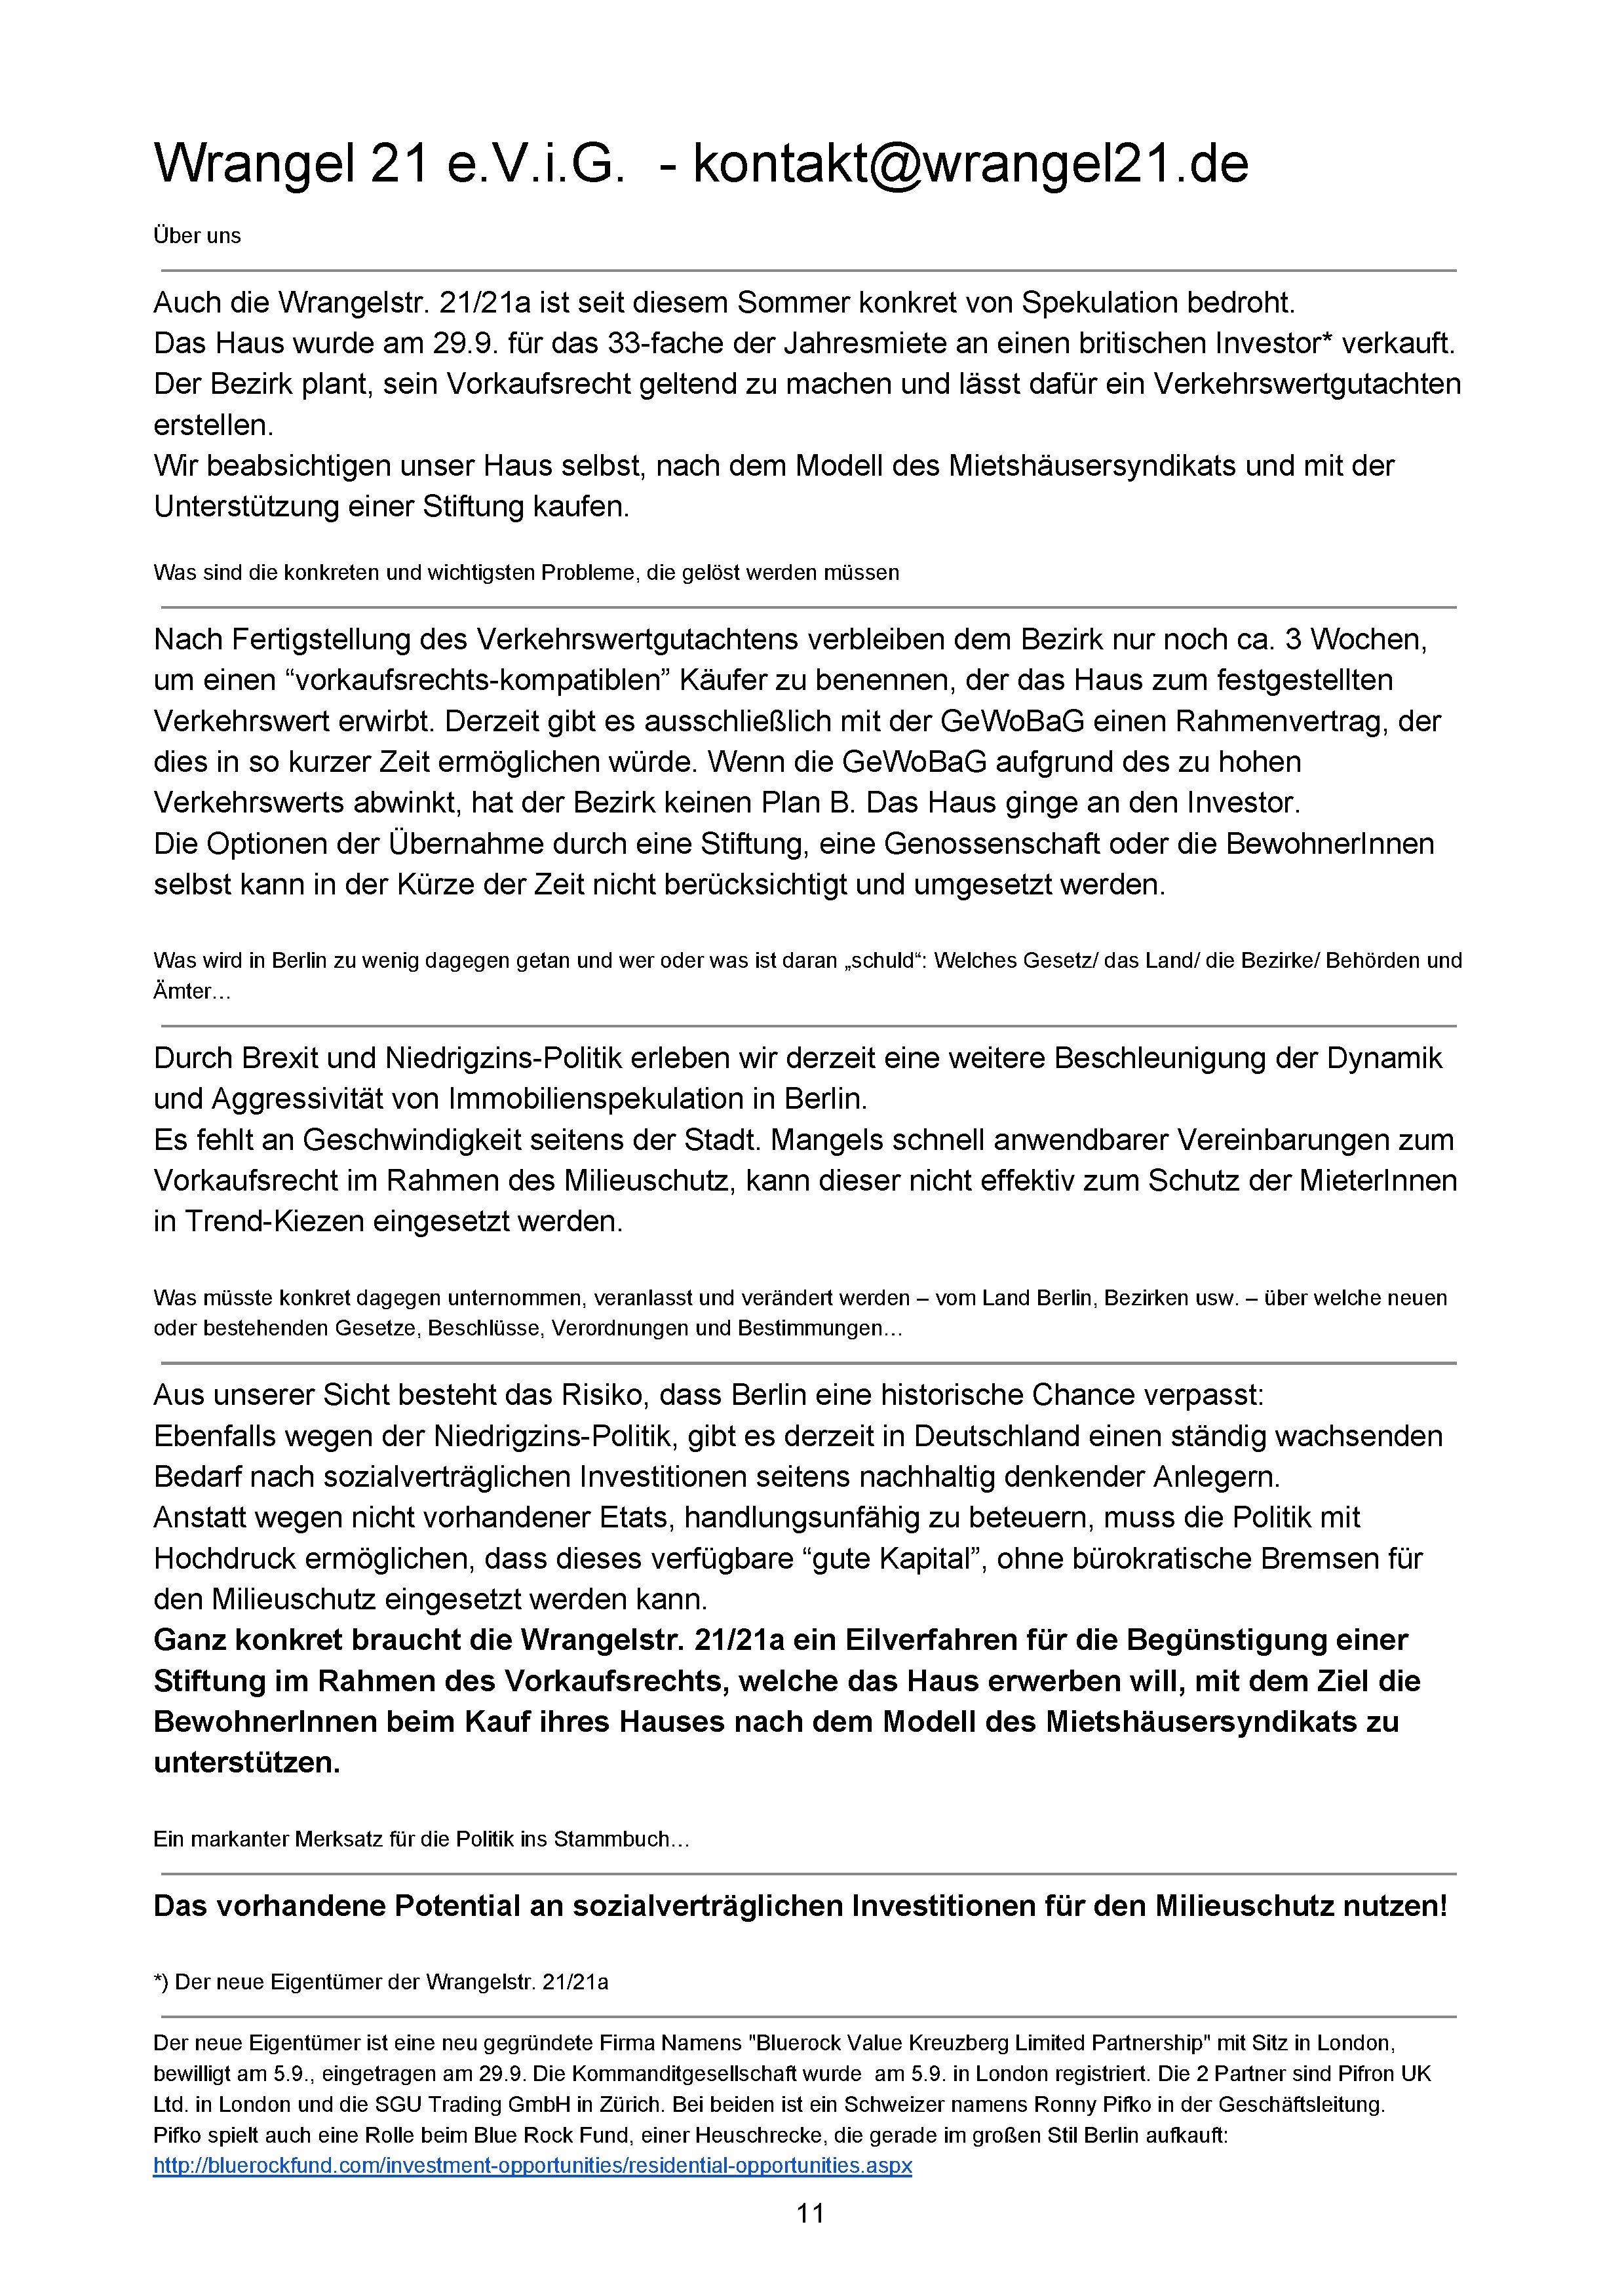 stadtpolitisches_hearing_021116_pressemappe1_seite_12